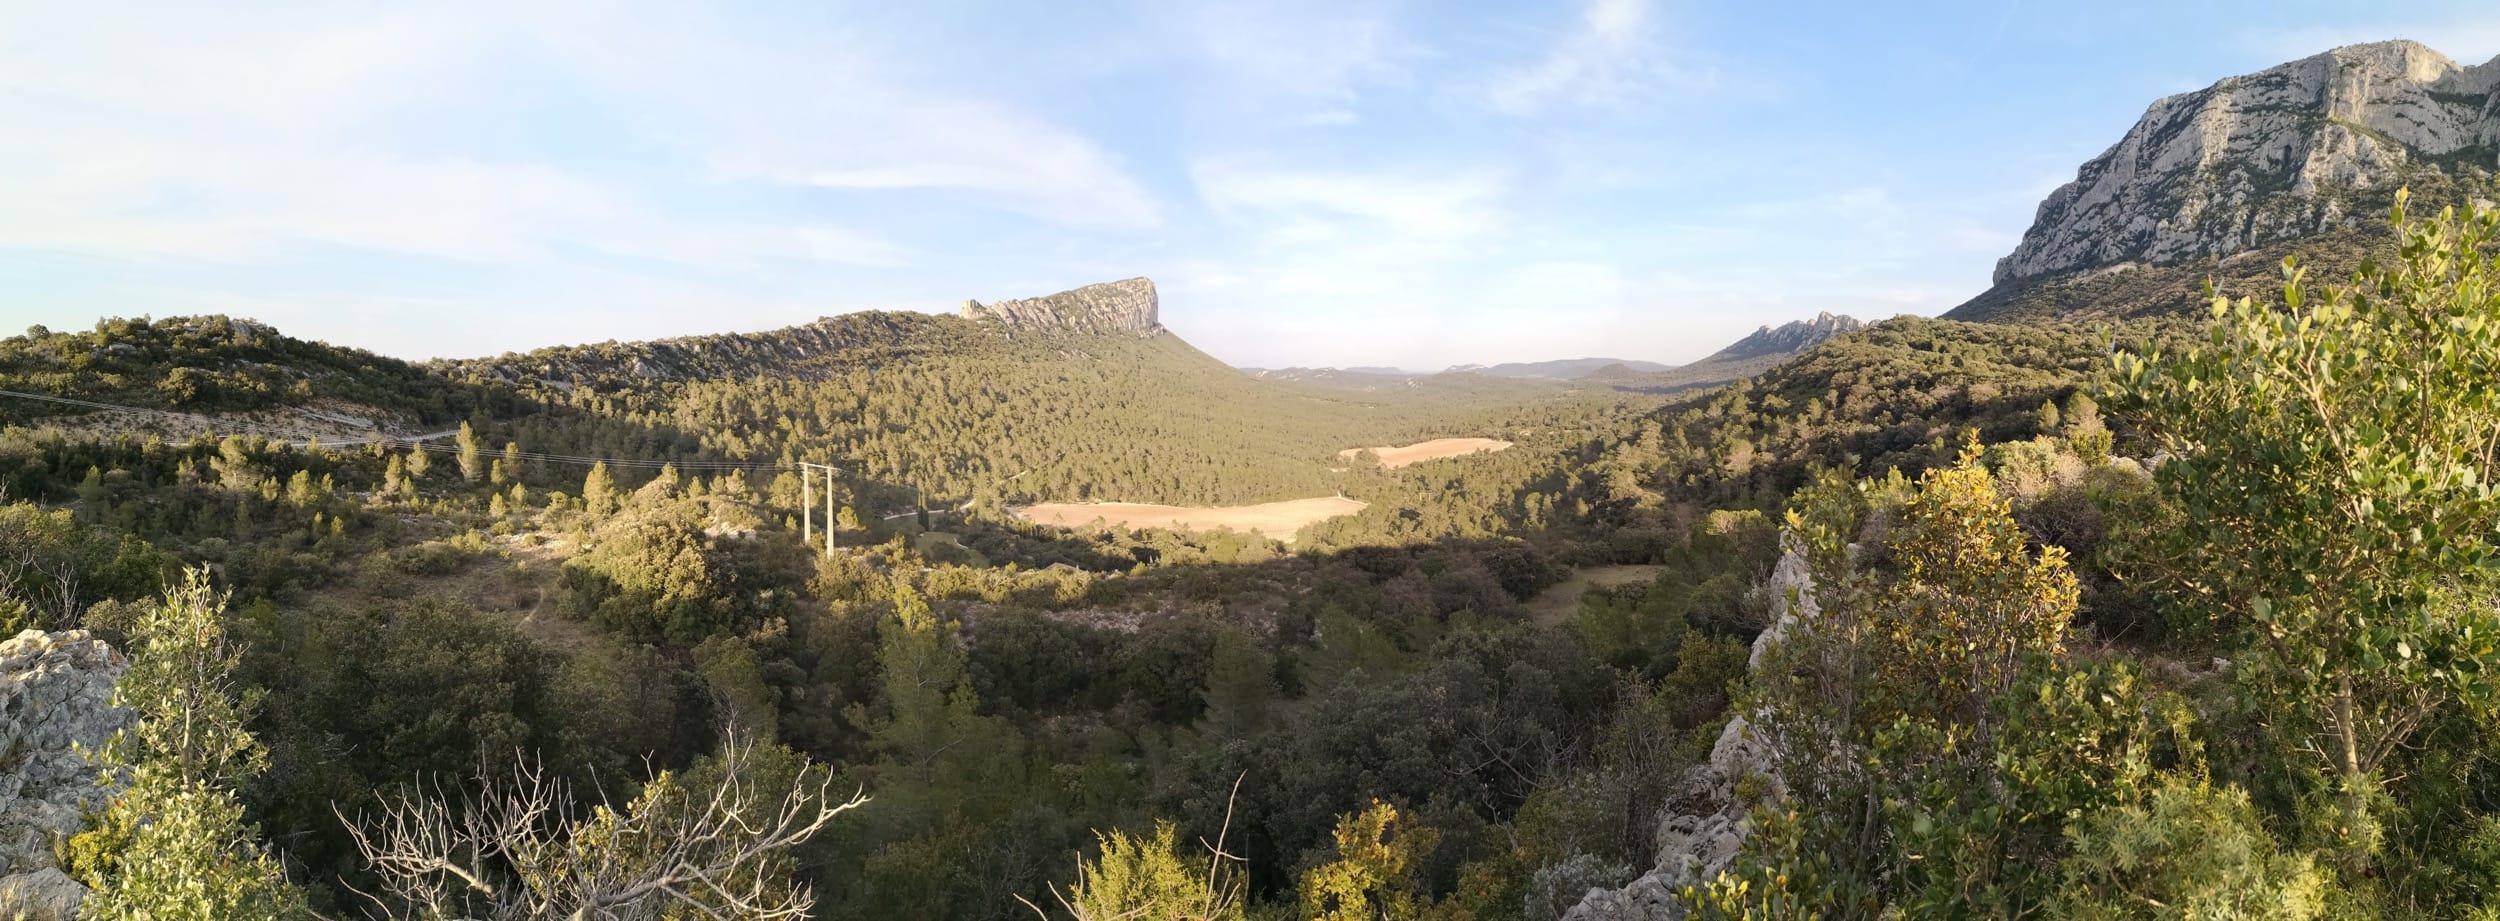 Vue sur le pic Saint loup, depuis un chemin de randonnée